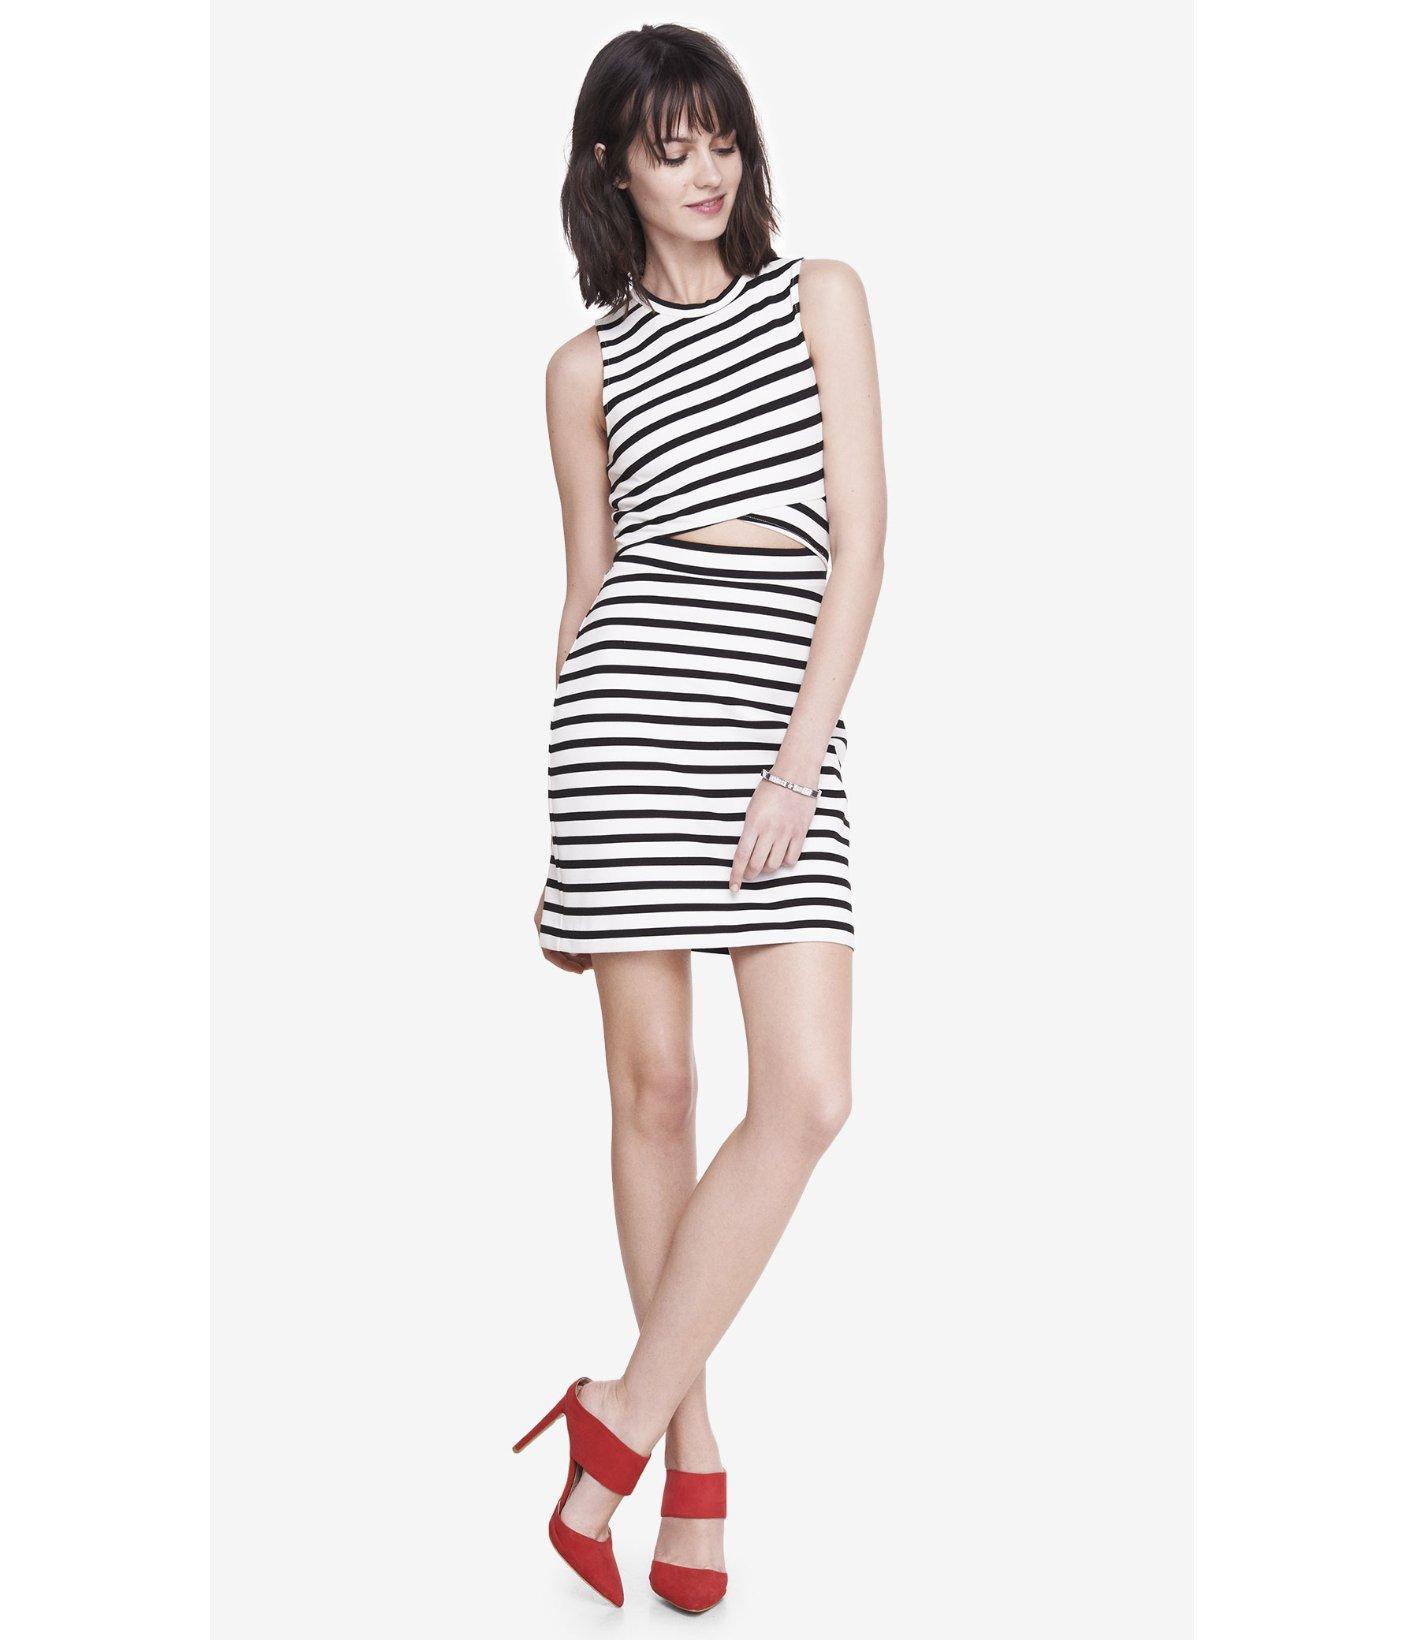 Lyst - Express Striped Cut-out Mini Sheath Dress in Black 4814b37b1